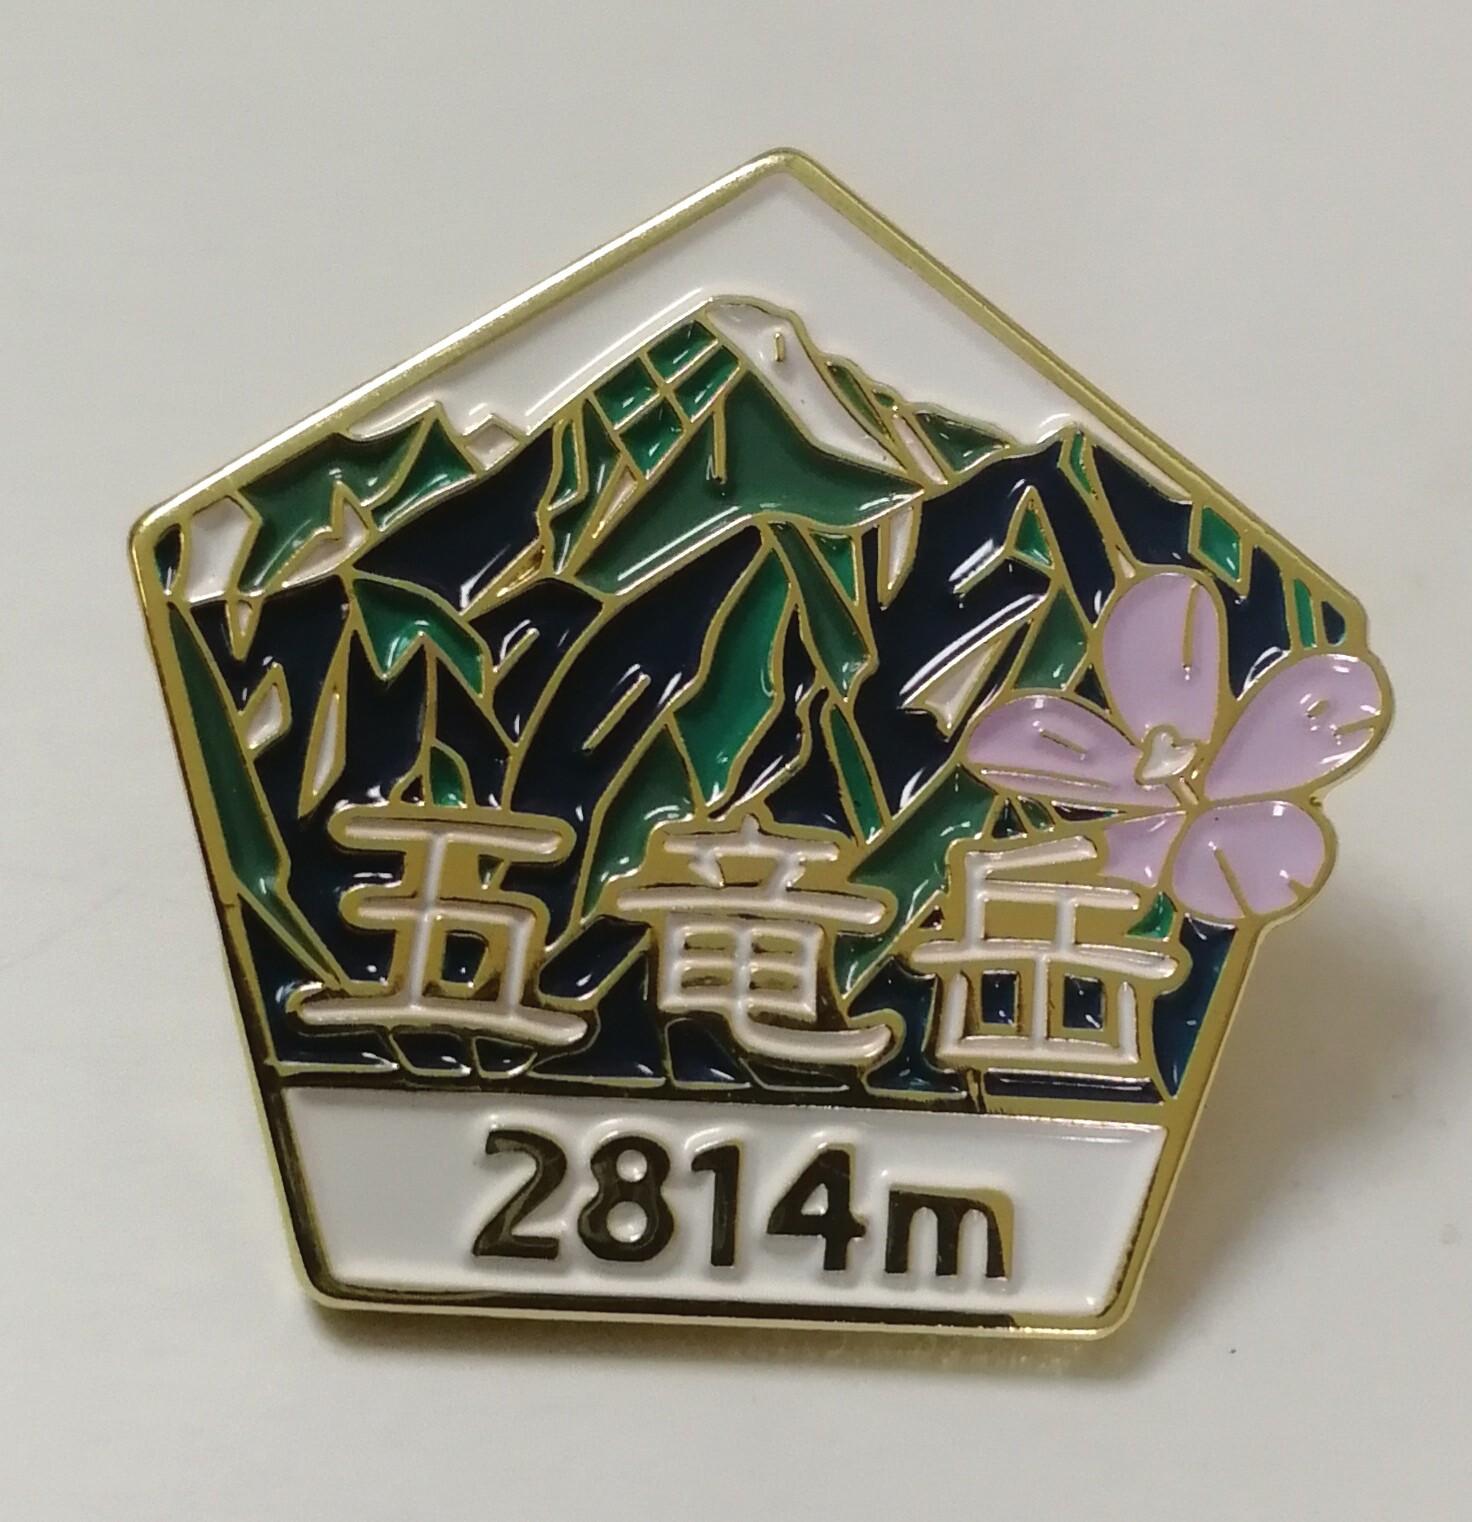 ピンバッジ製作会社BIGWAVEさんとクラフト立花のコラボ商品 「五竜岳バッジ」 完成!